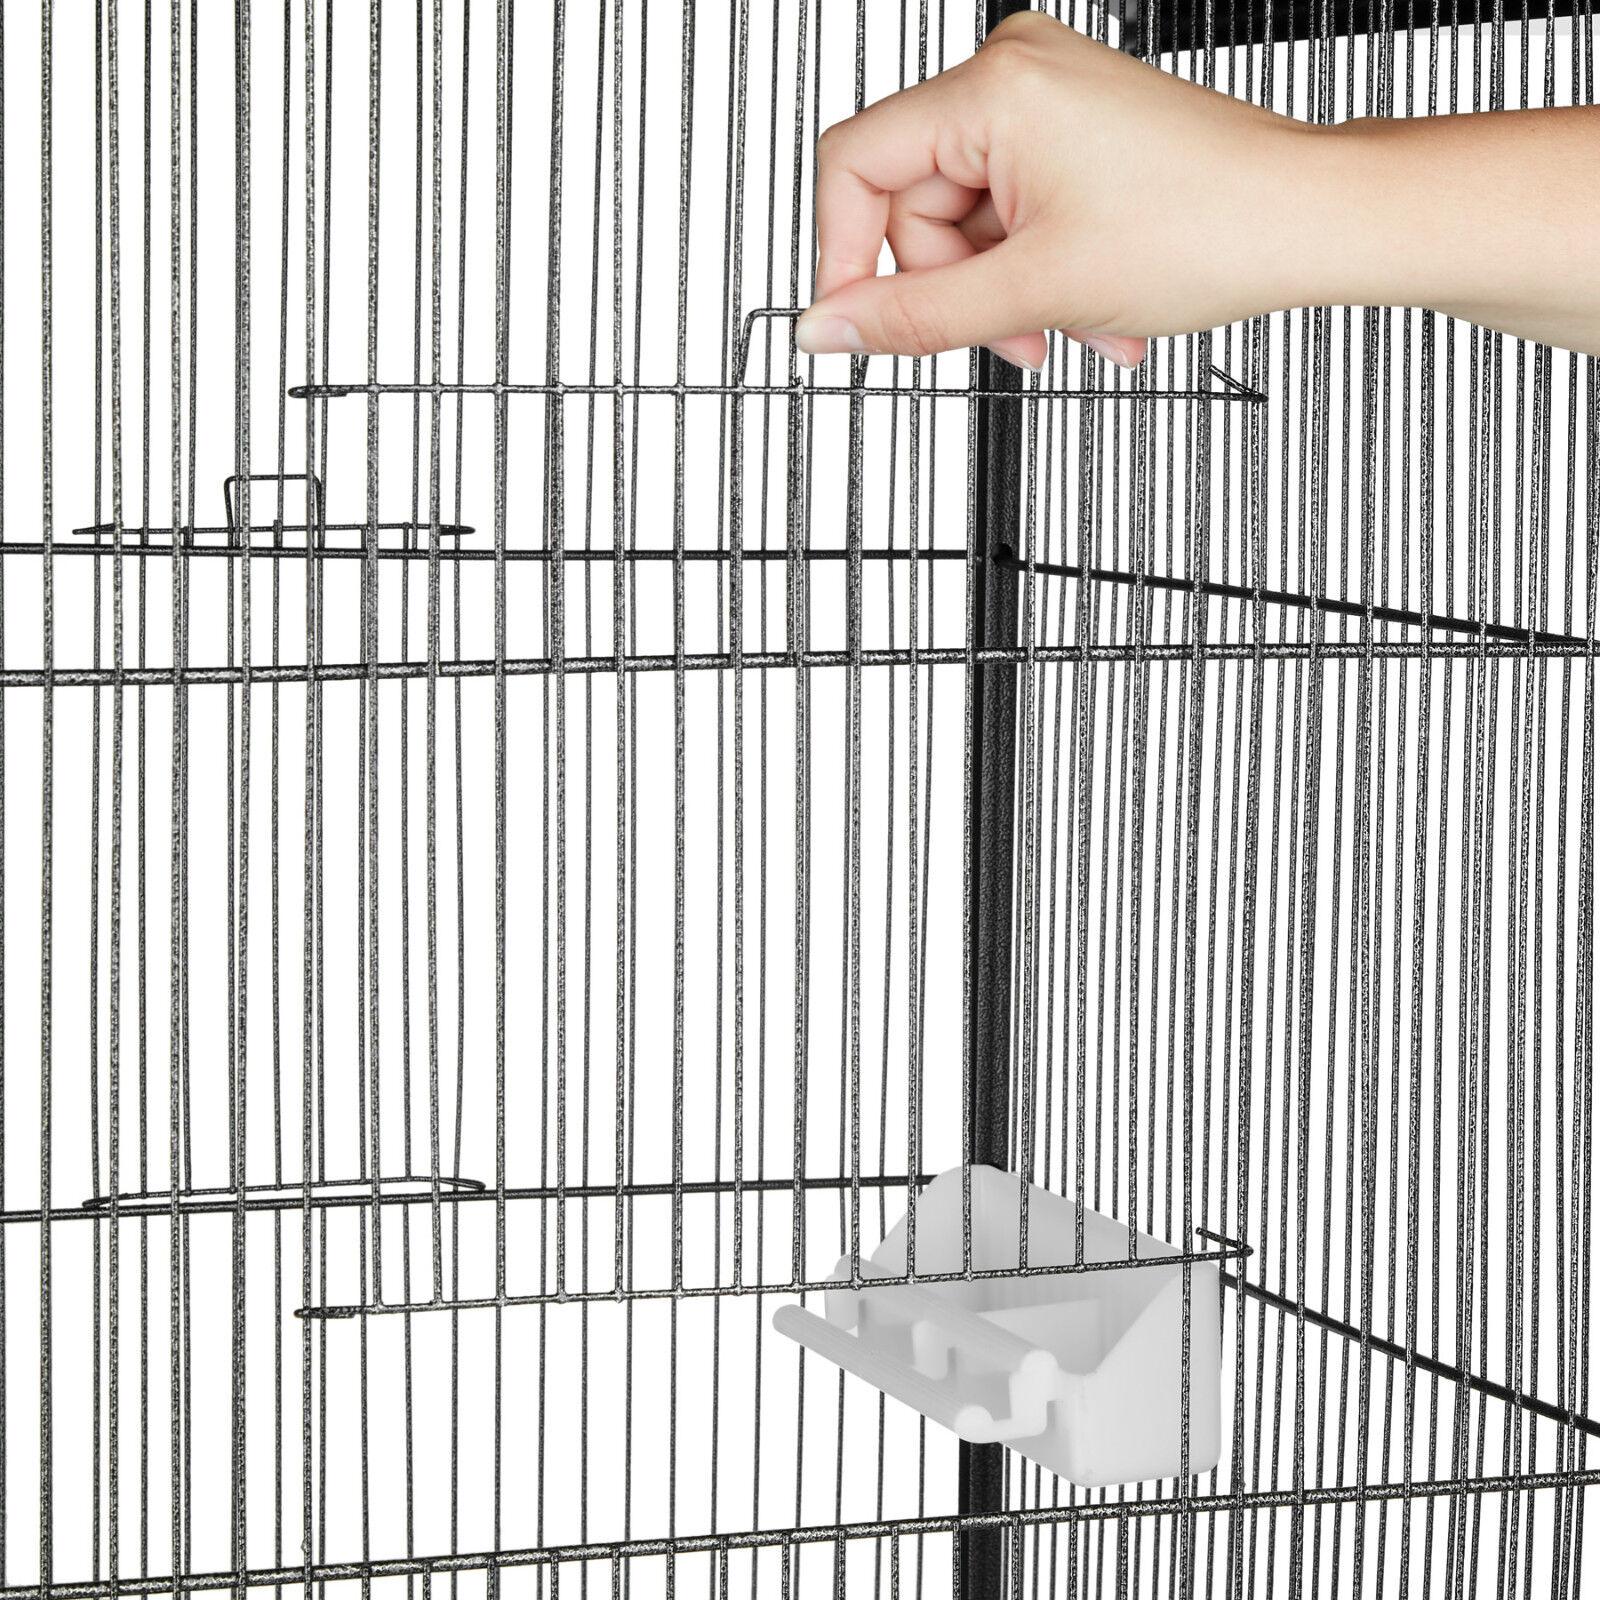 Volière cage à oiseaux oiseaux oiseaux canaries perruches perroquets metal b64b1b